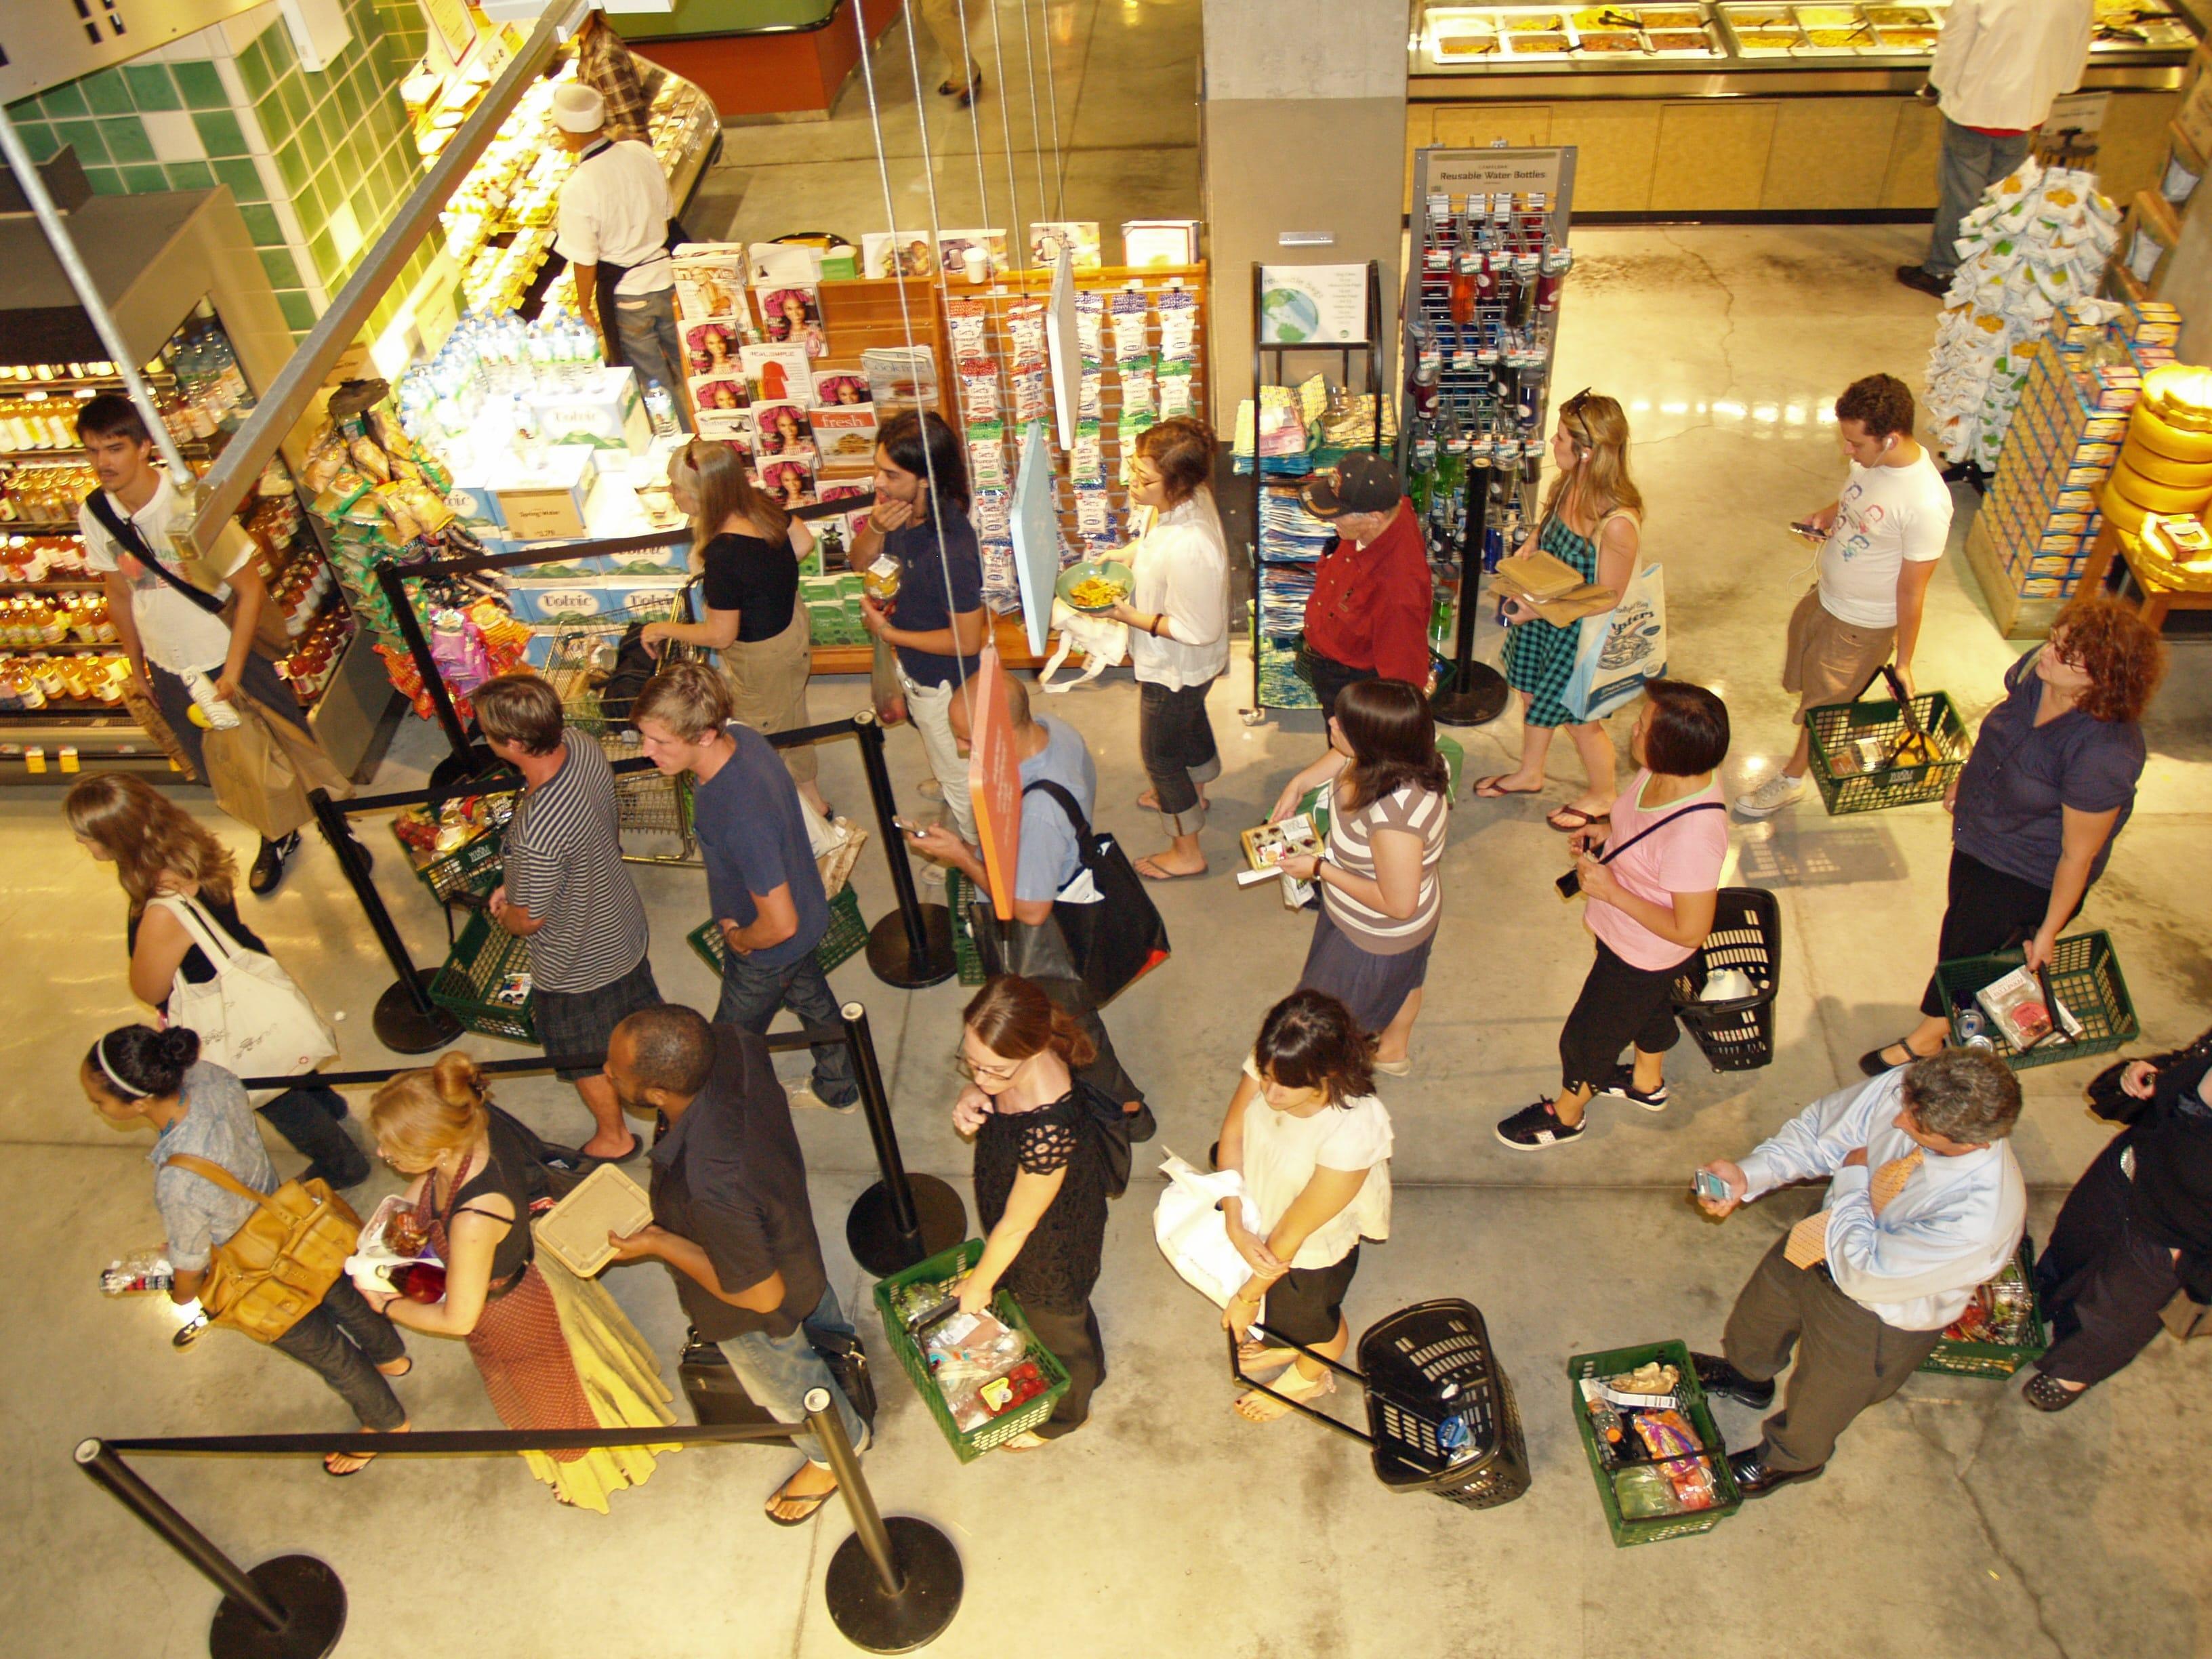 whole foods queue amazon